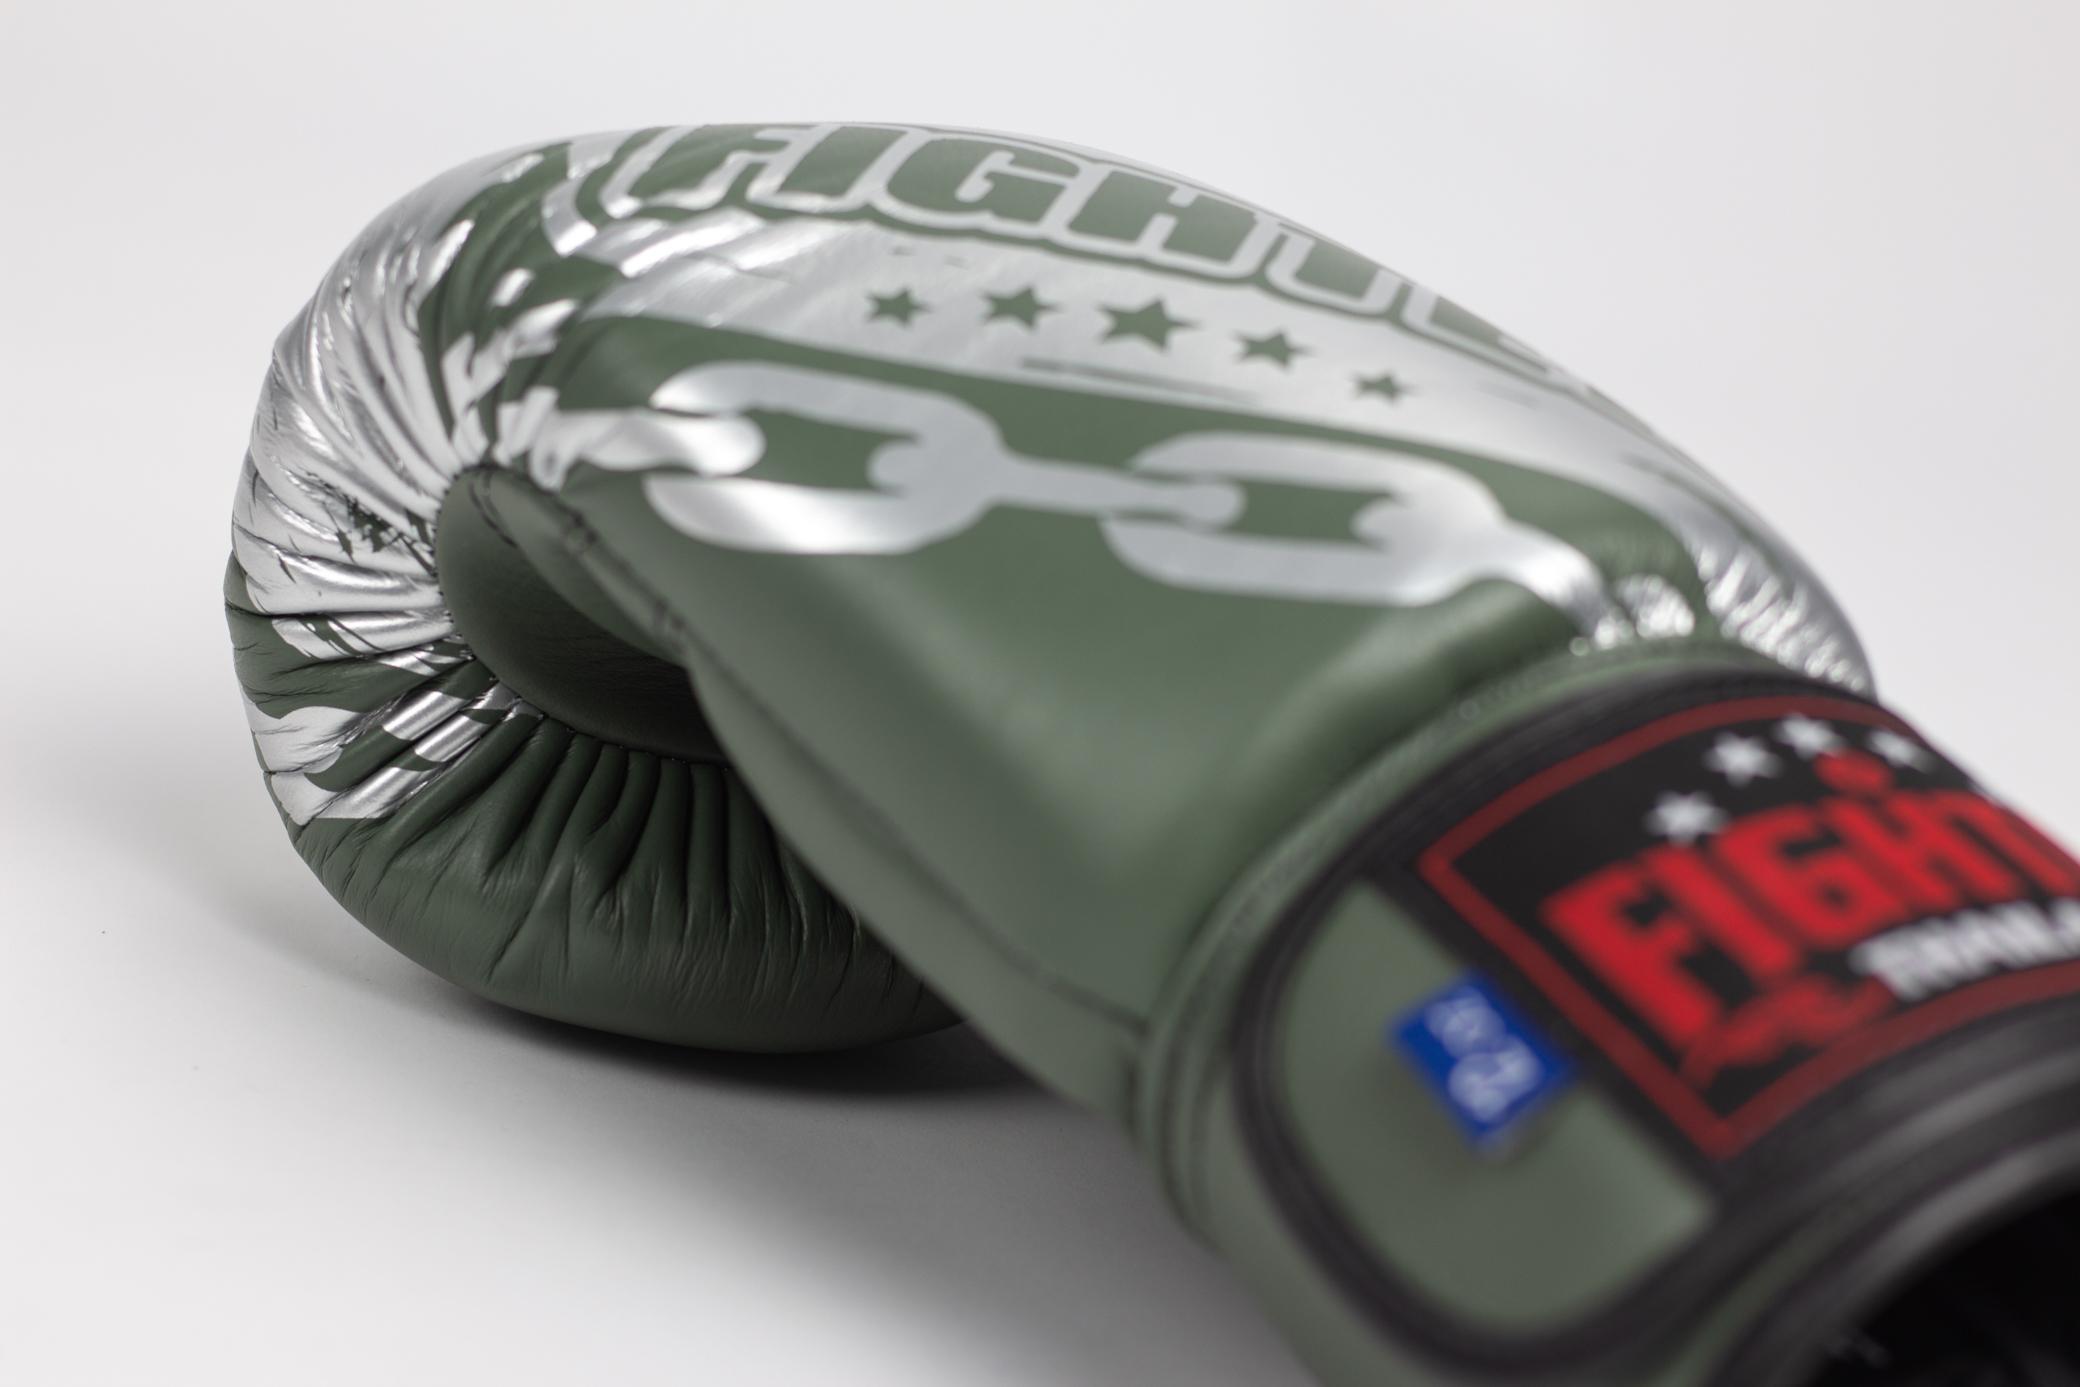 นวมสักหลาด ลายโซ่ สีเขียวทหาร 14 ออนซ์